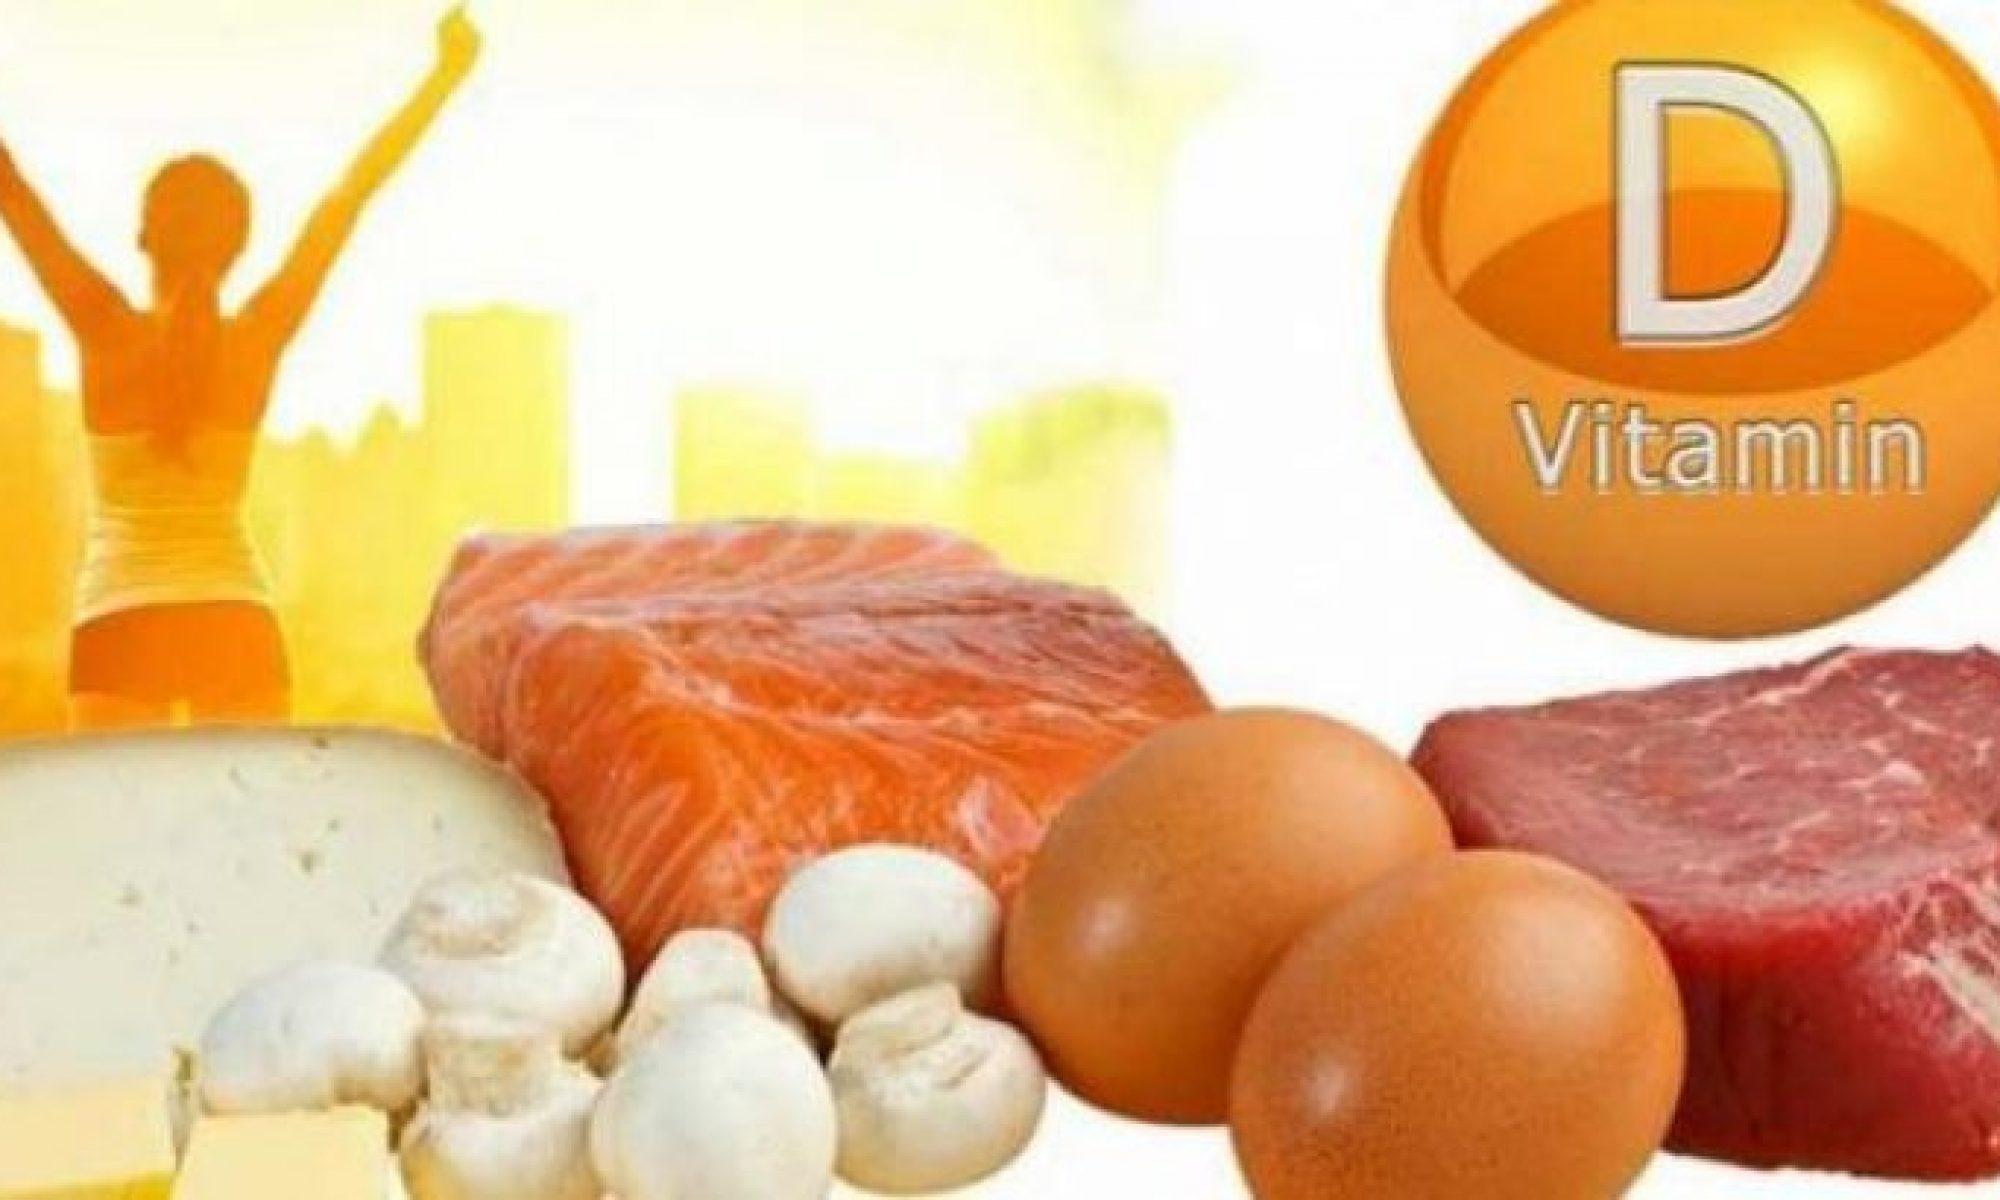 Şeker hastaları dikkat: D vitamini eksikliği şeker hastalığının nedeni olabilir